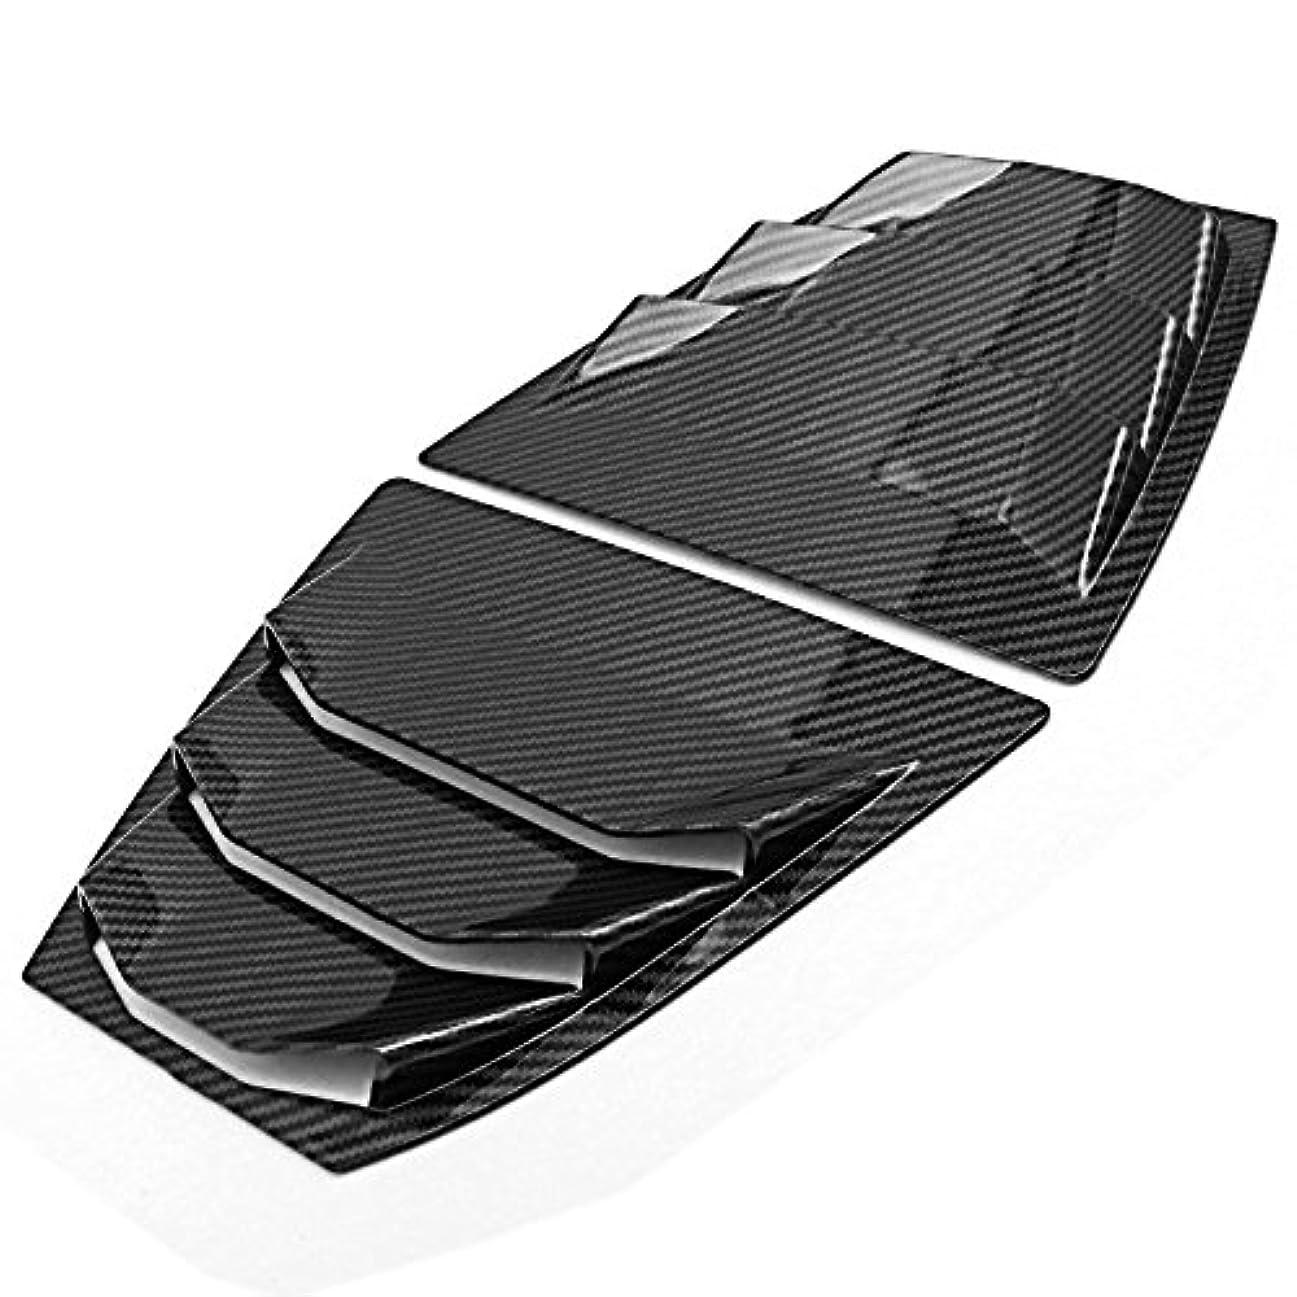 壁紙本当にスツールJicorzo - Mazda3の4D 2014年から2018年カーアクセサリースタイリングのための炭素繊維のカラーリアクオーターパネルウィンドウサイドルーバーベントトリムフィット2PCS